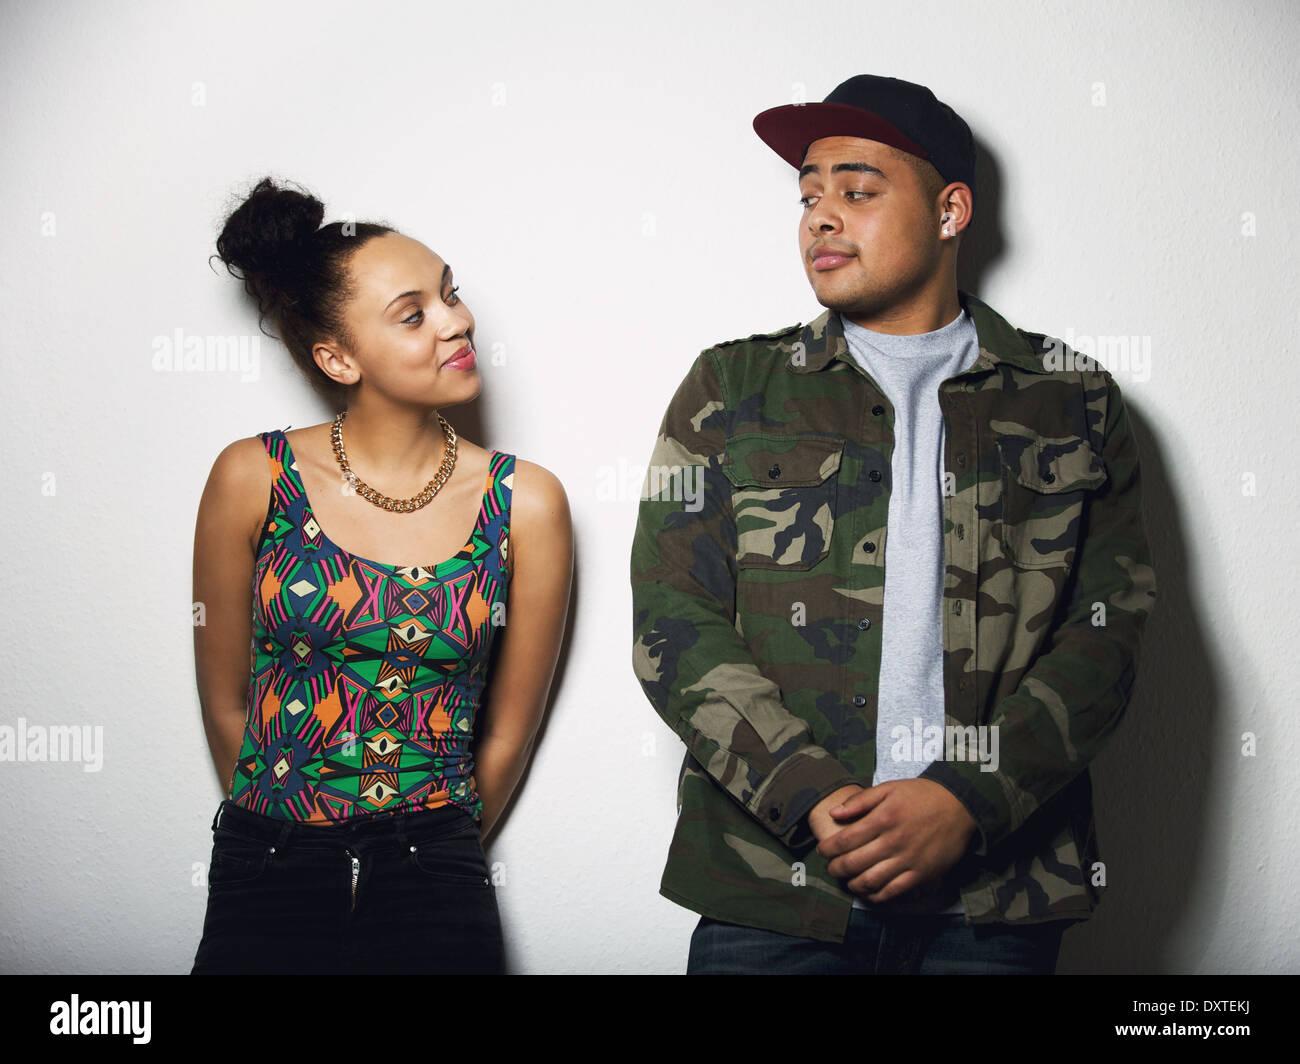 Jeune homme et femme à l'un l'autre par l'attitude. Jeune couple dans les modèles (sur fond gris. Photo Stock